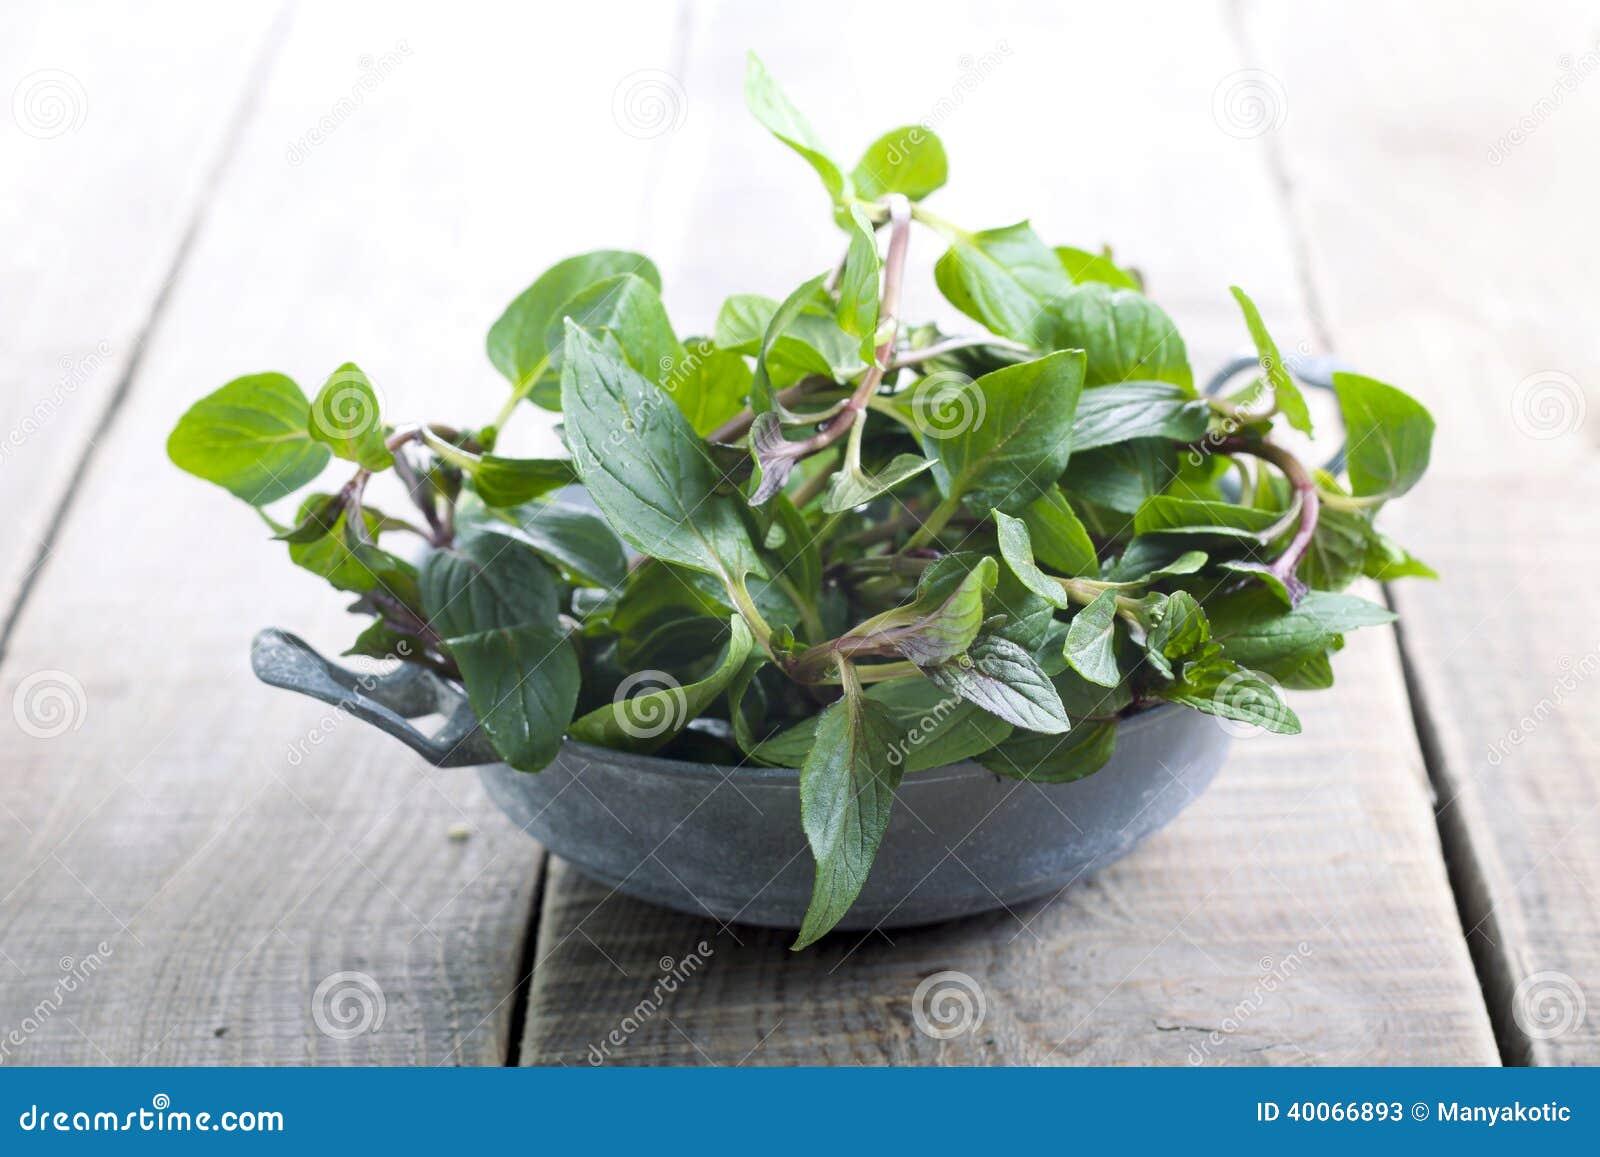 Bladeren van pepermunt